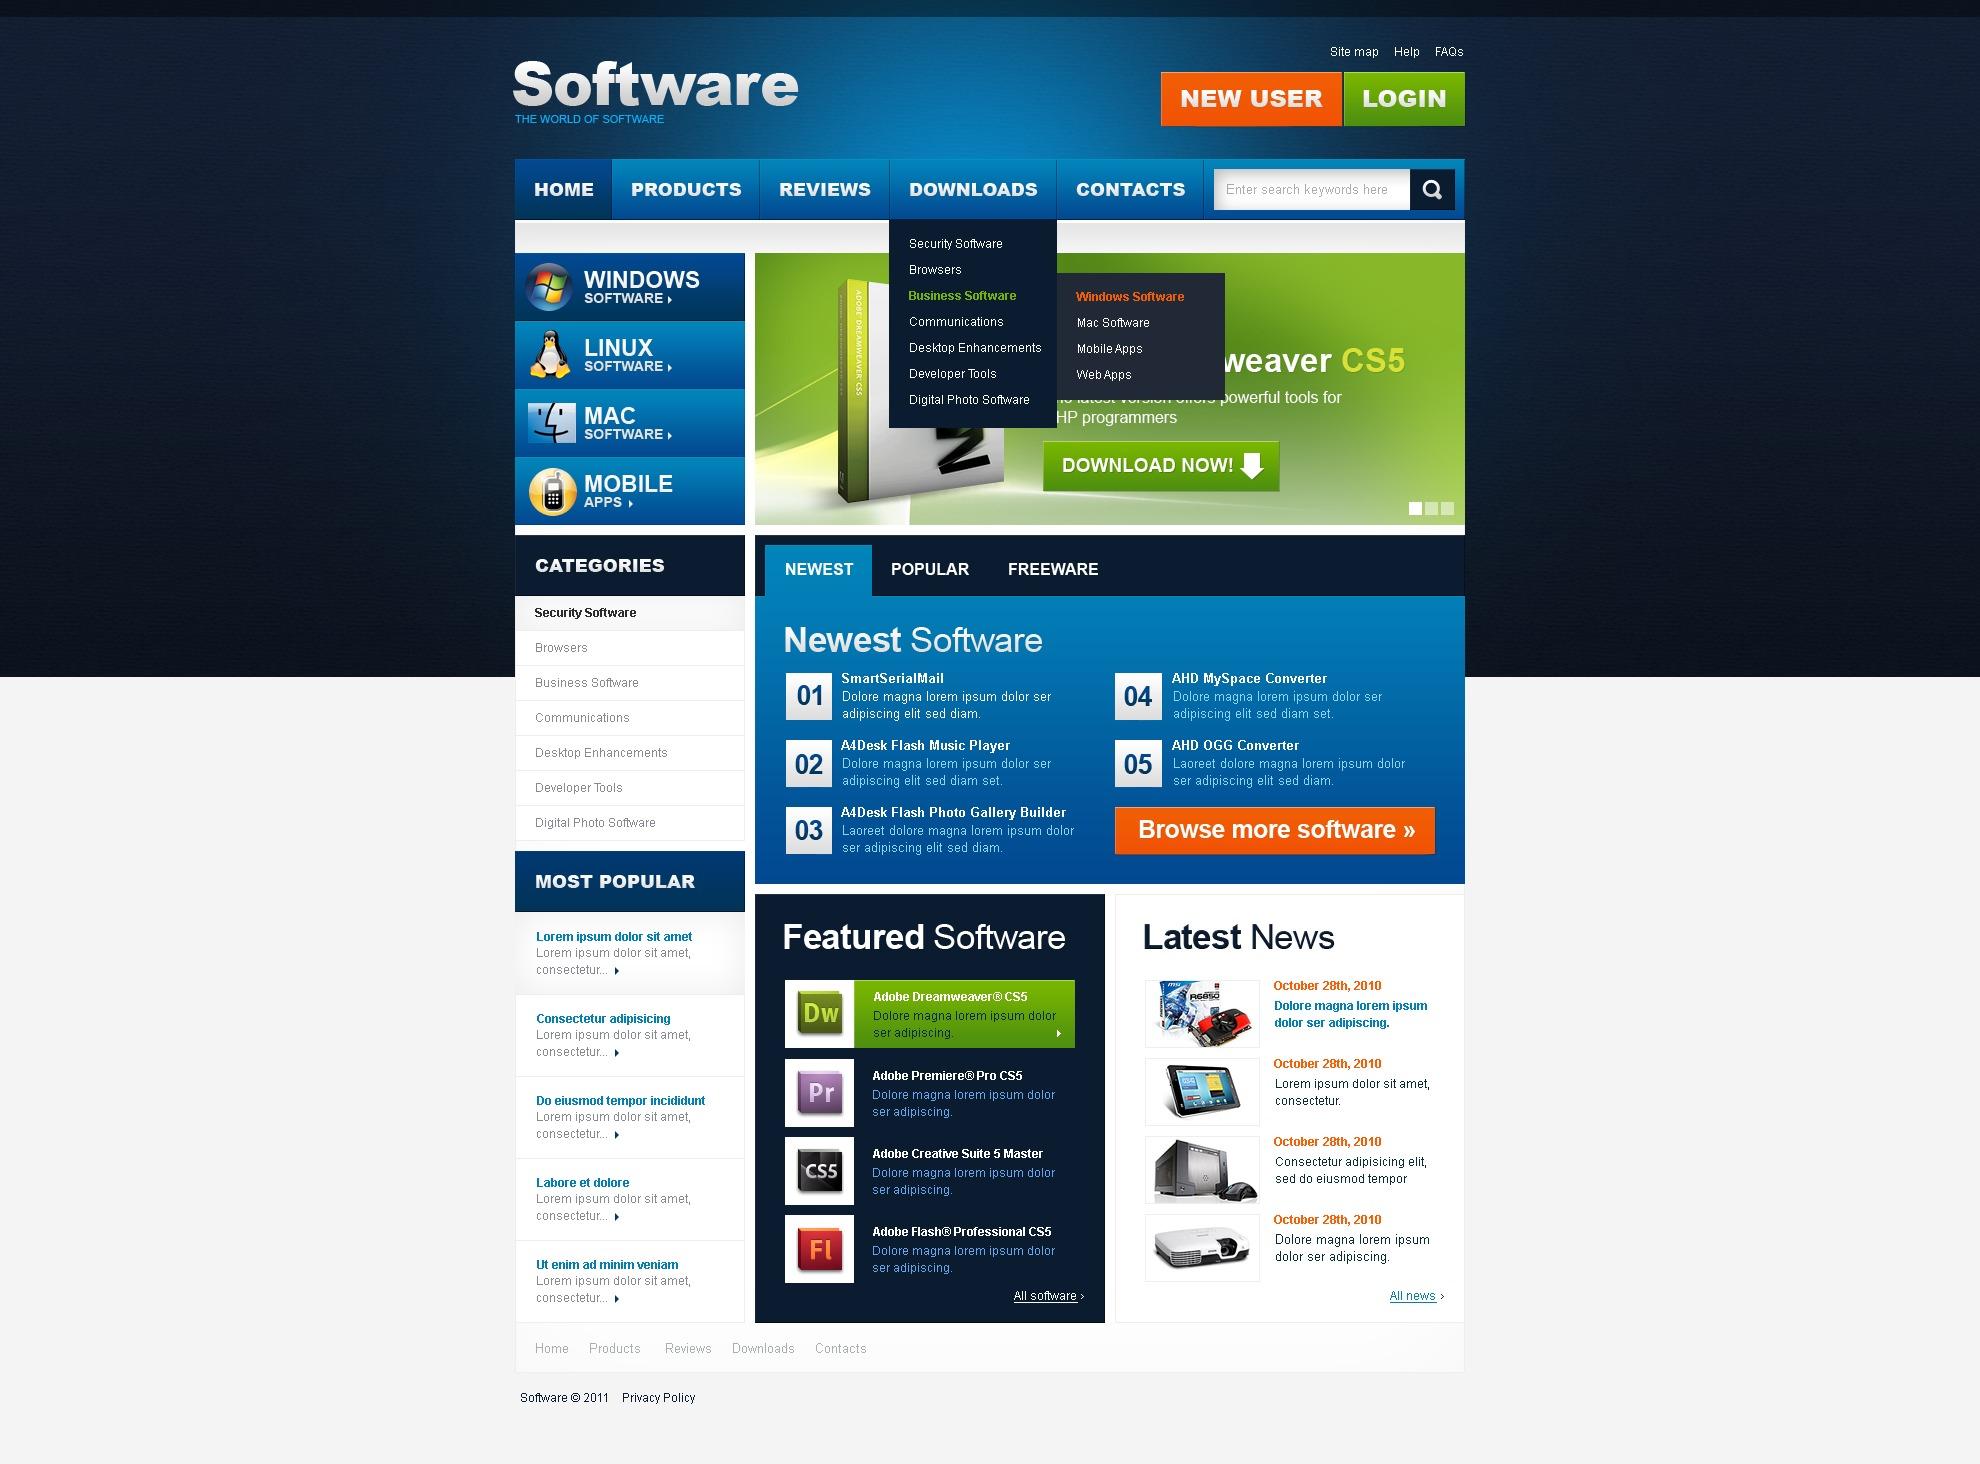 software store website template 36593. Black Bedroom Furniture Sets. Home Design Ideas